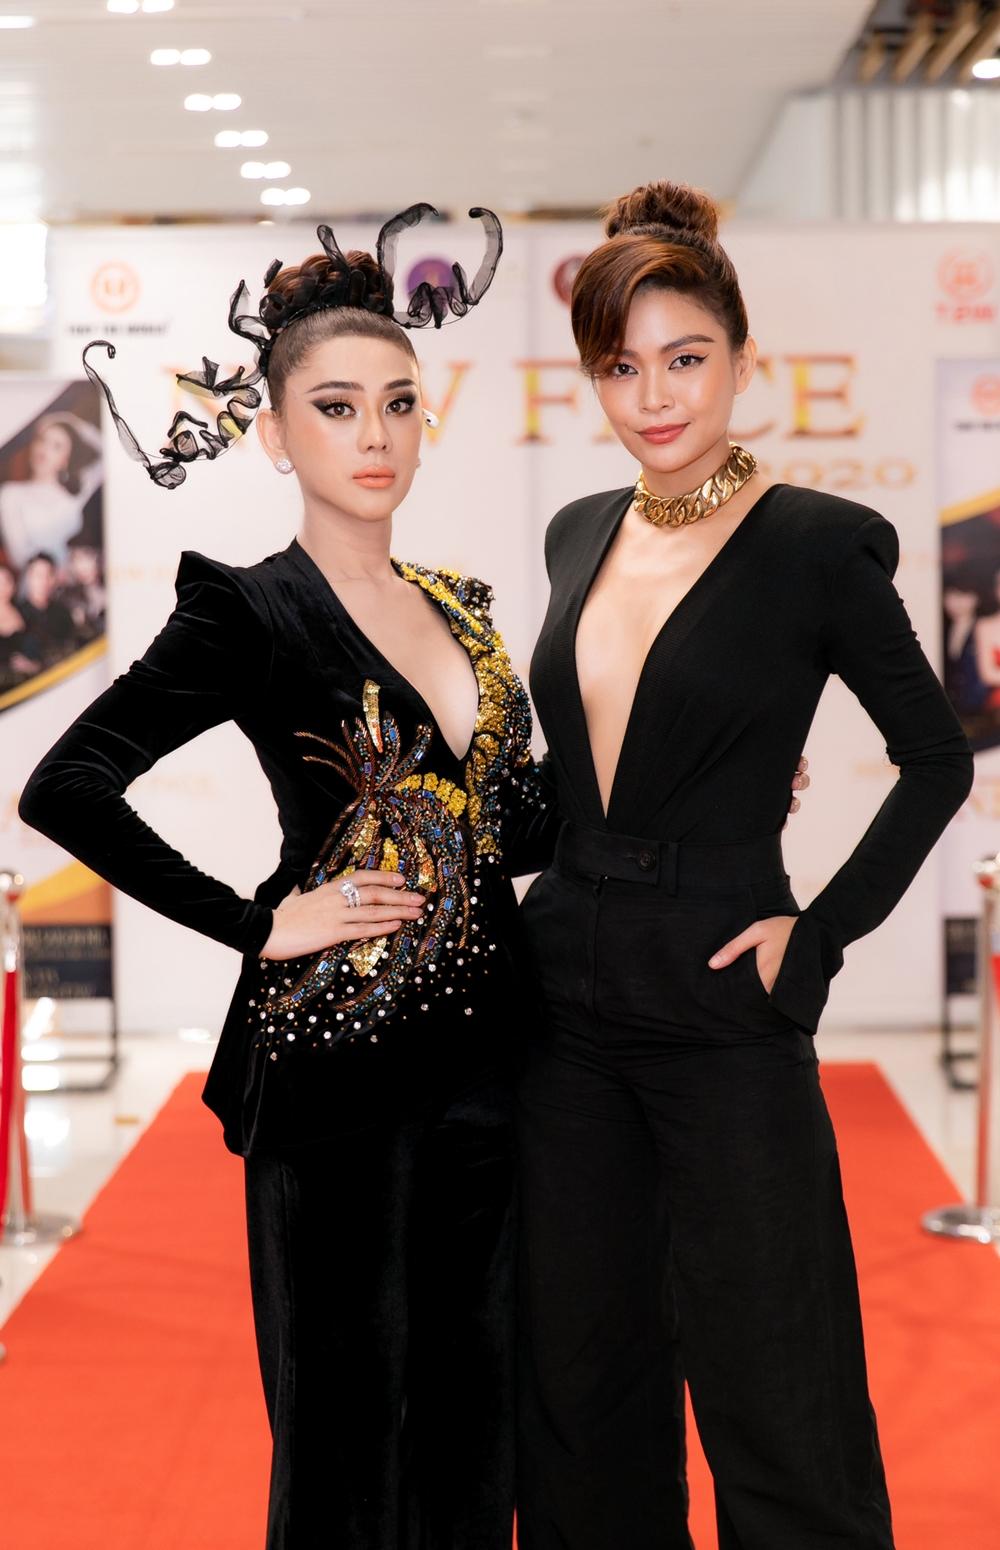 Lâm Khánh Chi và Mâu Thủy đọ nhan sắc. Cả hai hứa hẹn sẽ tạo nên những màn drama kịch tính cho chương trình.